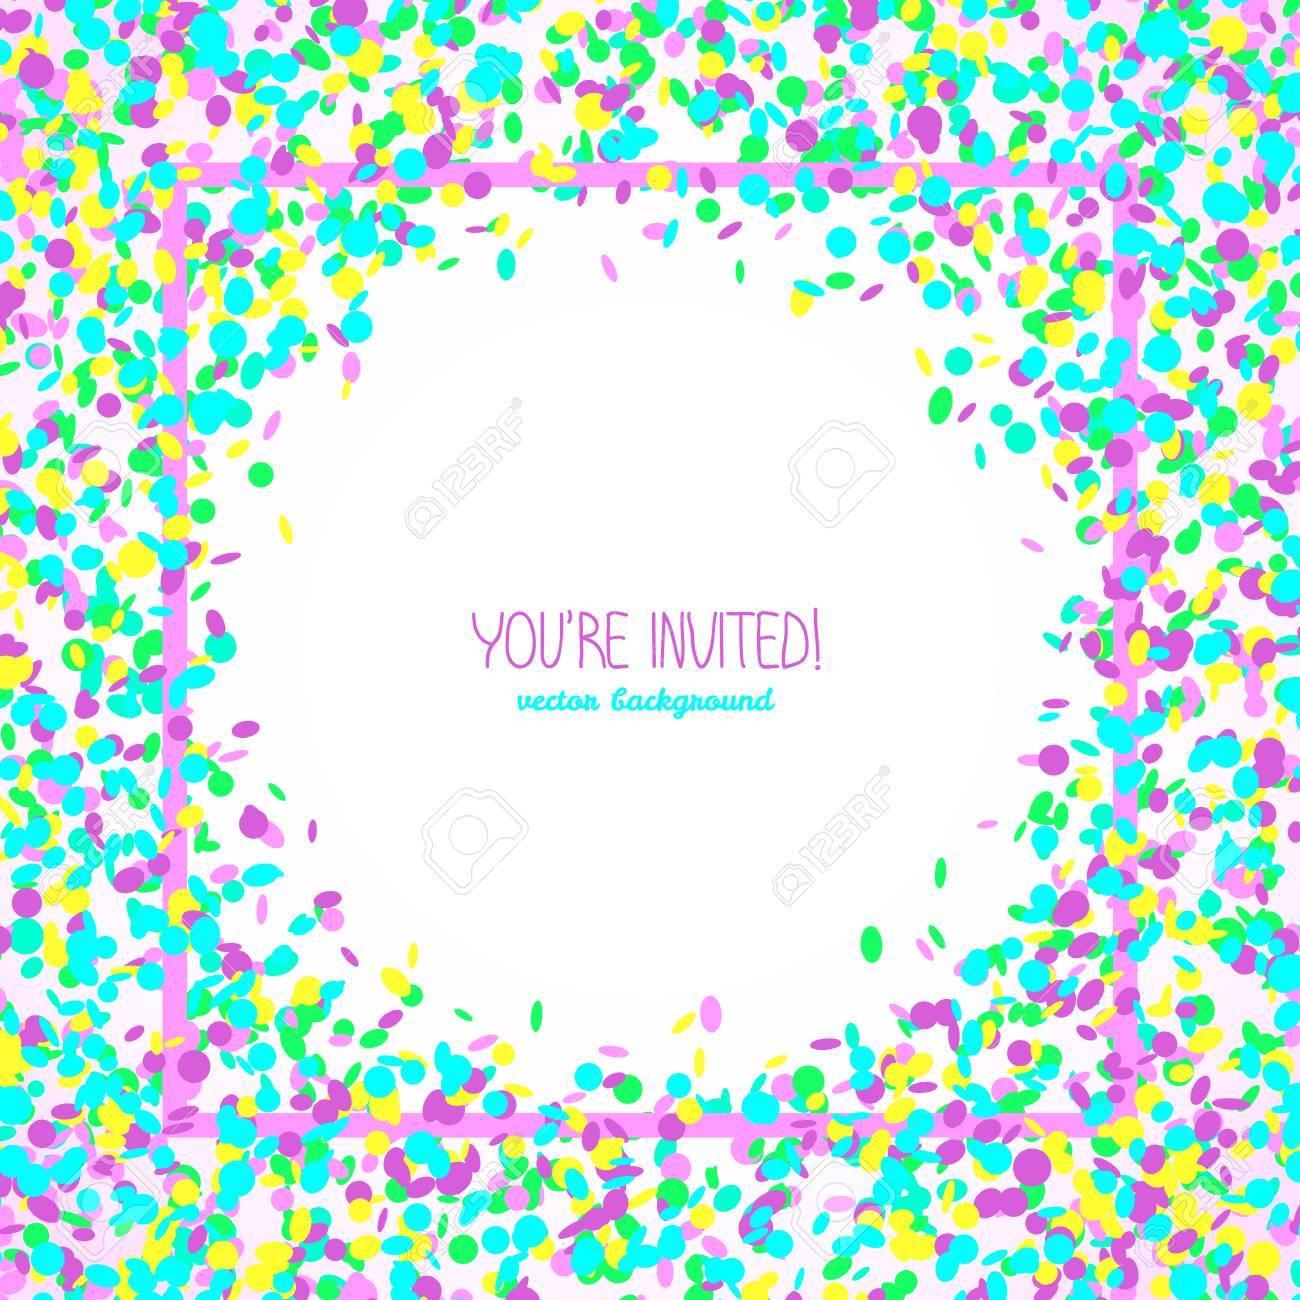 Estás Invitado Tarjeta Del Partido O Banner Marco De Texto Cuadrada Hecha De Confeti De Colores Fondo Blanco Con Espacio De Copia Tarjeta